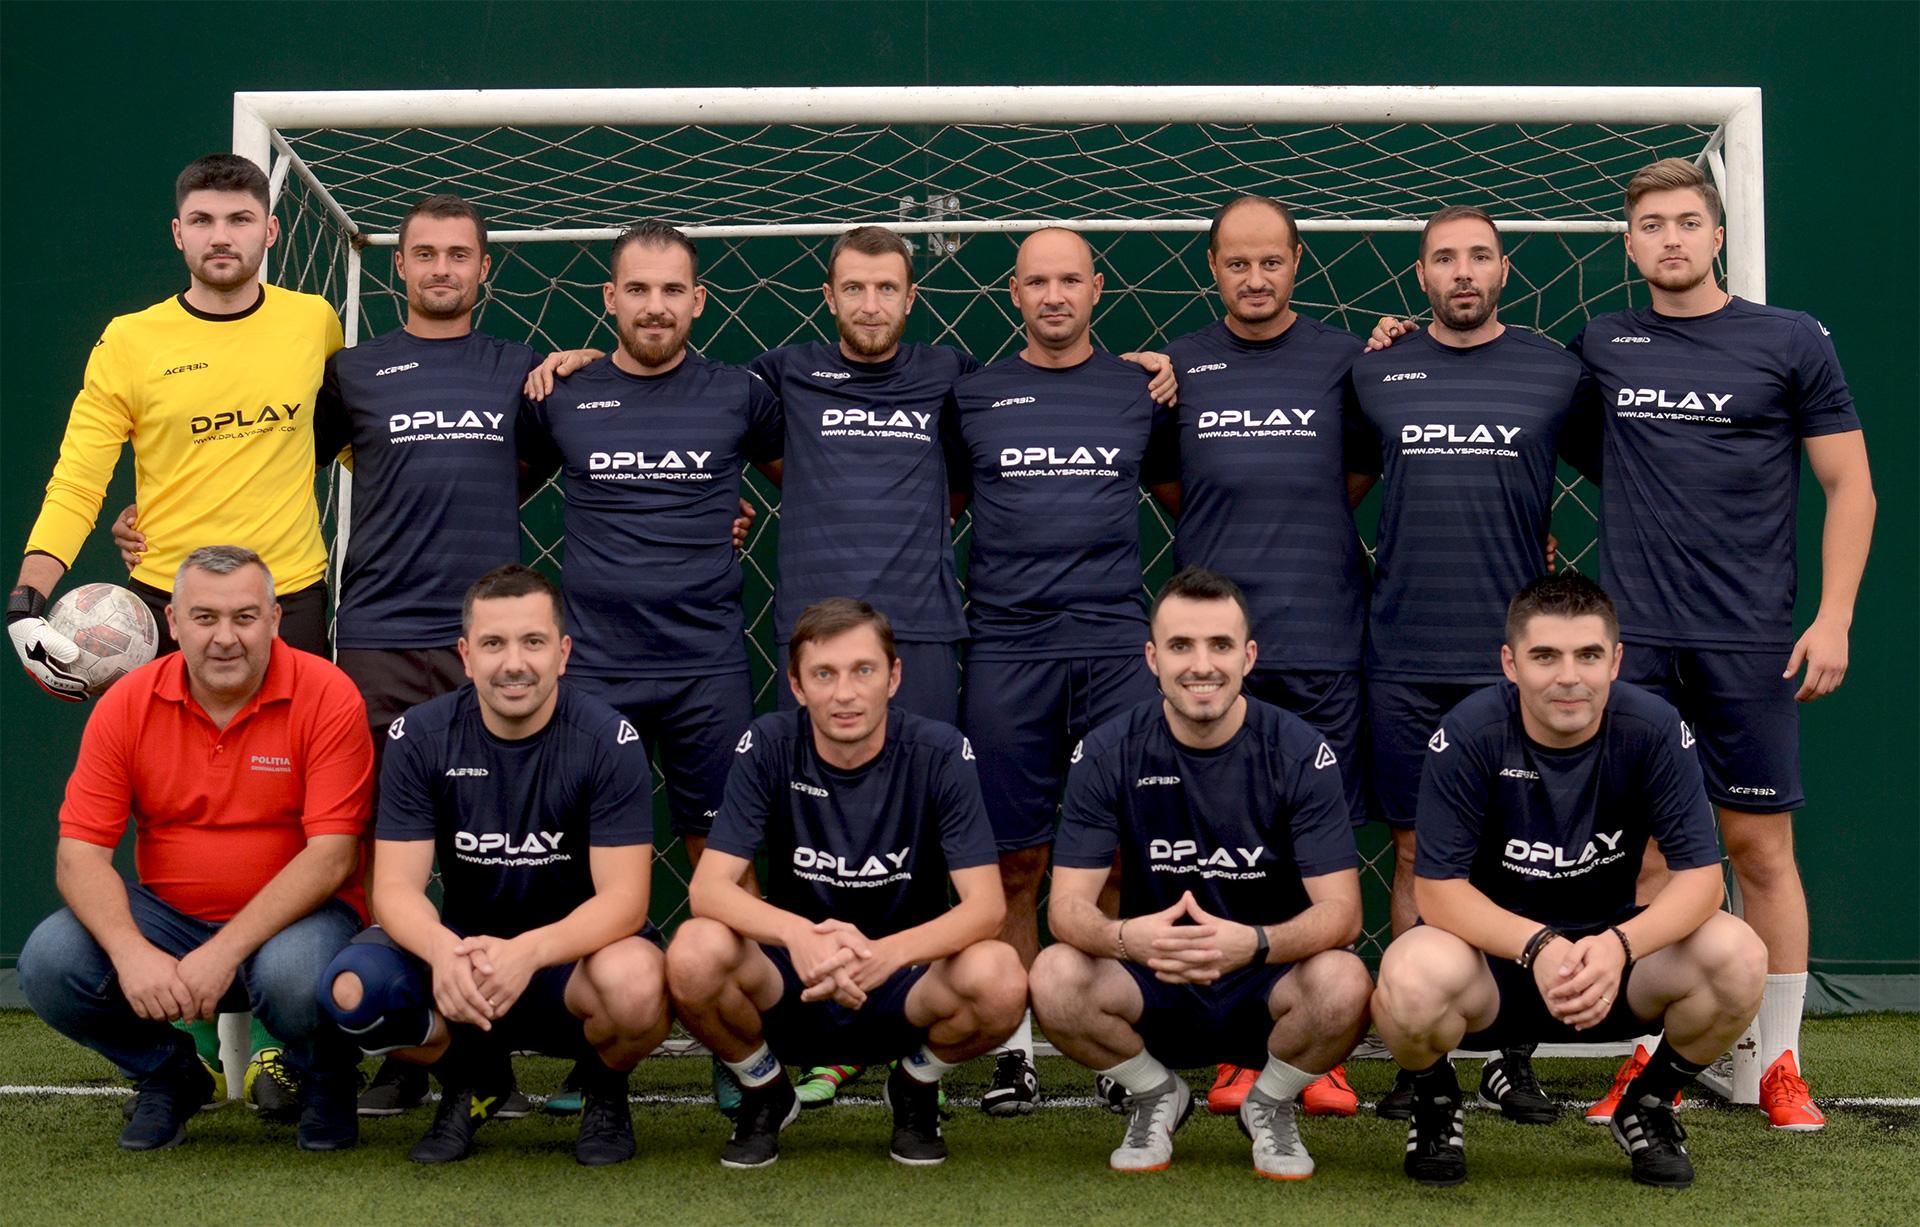 echipa minifotbal brit 13 2019 2020